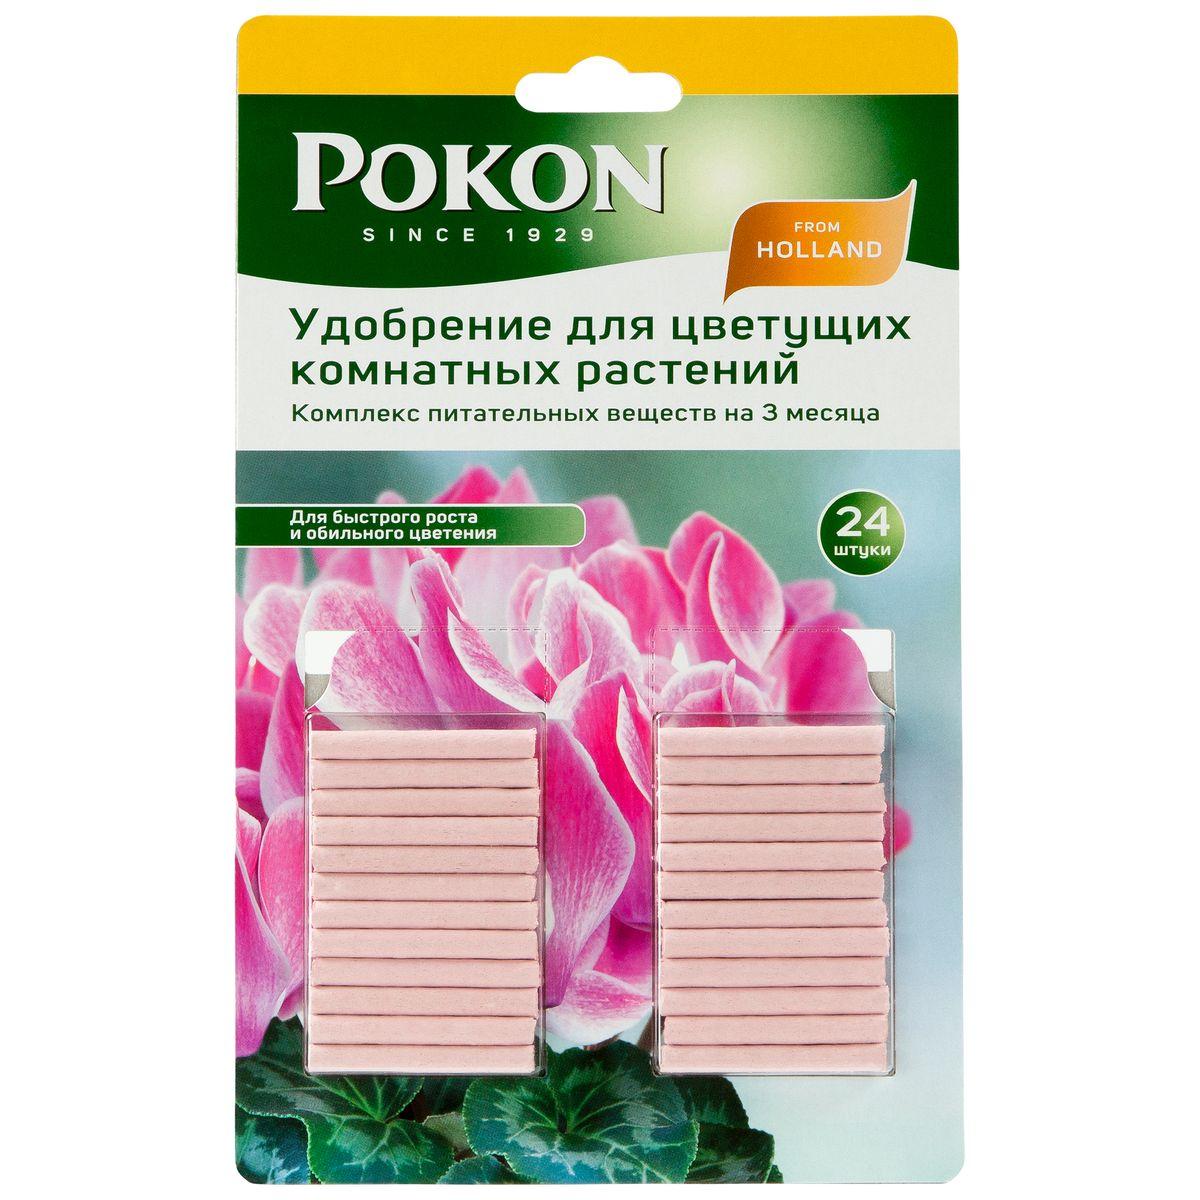 Удобрение Pokon, в палочках, для цветущих растений, 24 шт8711969016033Удобрение в палочках Pokon содержит тщательно подобранныепитательныевещества, сбалансированные для подкормки всех видов цветущихрастений. Эта высококачественная смесь исключает риск корневых ожогов.Инструкция по применению: - Измерьте диаметр горшка с растением и определите нужное количествопалочек по прилагаемой таблице. - Полностью воткните палочки в грунт, равномерно распределив их вокруграстения. - Полейте грунт, и удобрение немедленно начнет действовать. - Добавляйте новые палочки каждые три месяца. Состав: 8% - общее содержание азота (N); 1% - нитратный азот; 0,5% - аммонийный азот; 6,5% - мочевинный формальдегид; 10% - безводная фосфорная кислота (P2O5), растворимая в нейтральномцитрате аммония и воде; 14% - водорастворимый оксид калия (K2O). Товар сертифицирован.